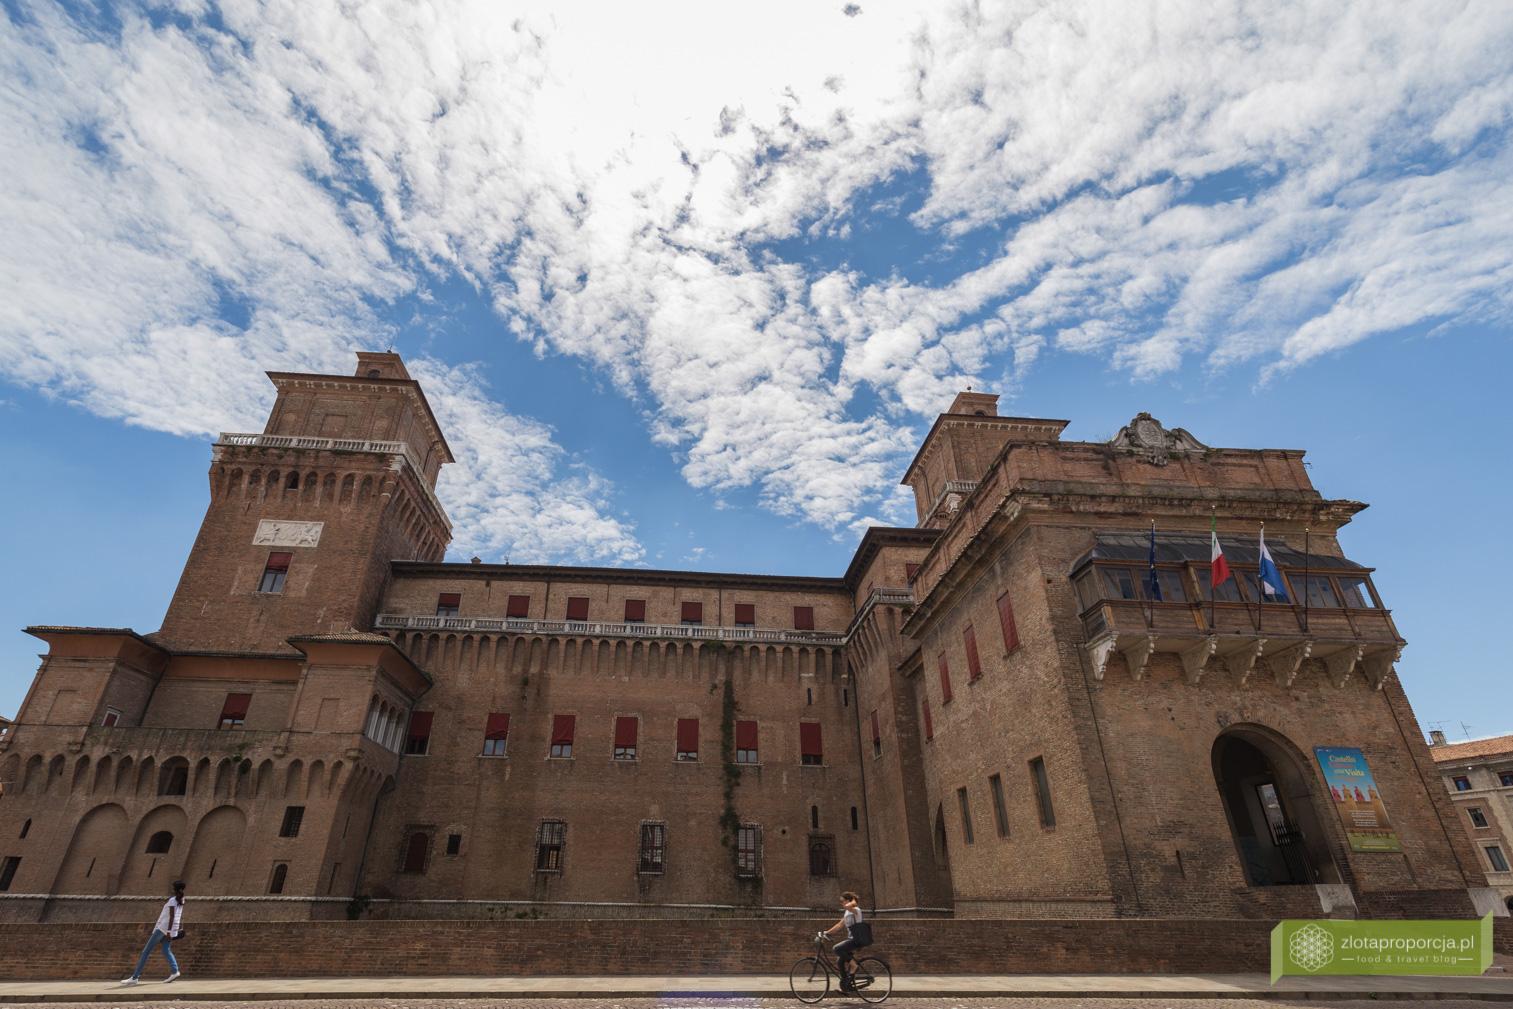 Castello Estense Ferrara, Ferrara, zamek w Ferrarze, atrakcje Ferrary, Castello Estense, Emilia Romania